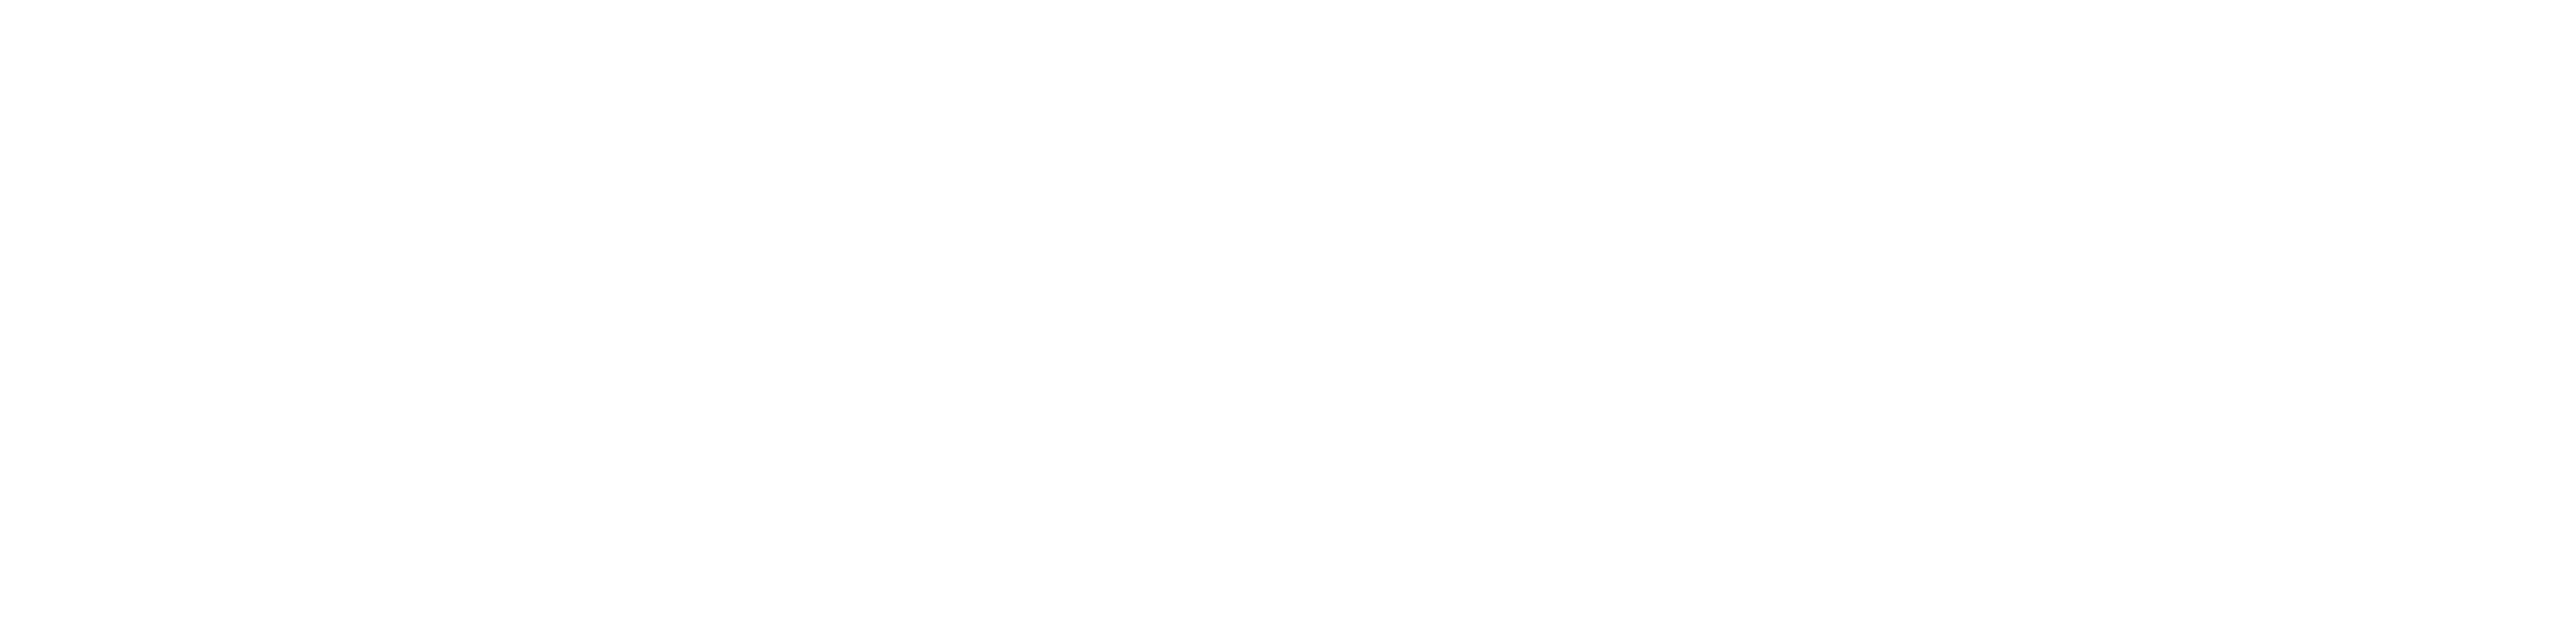 Apto Media Logo - White